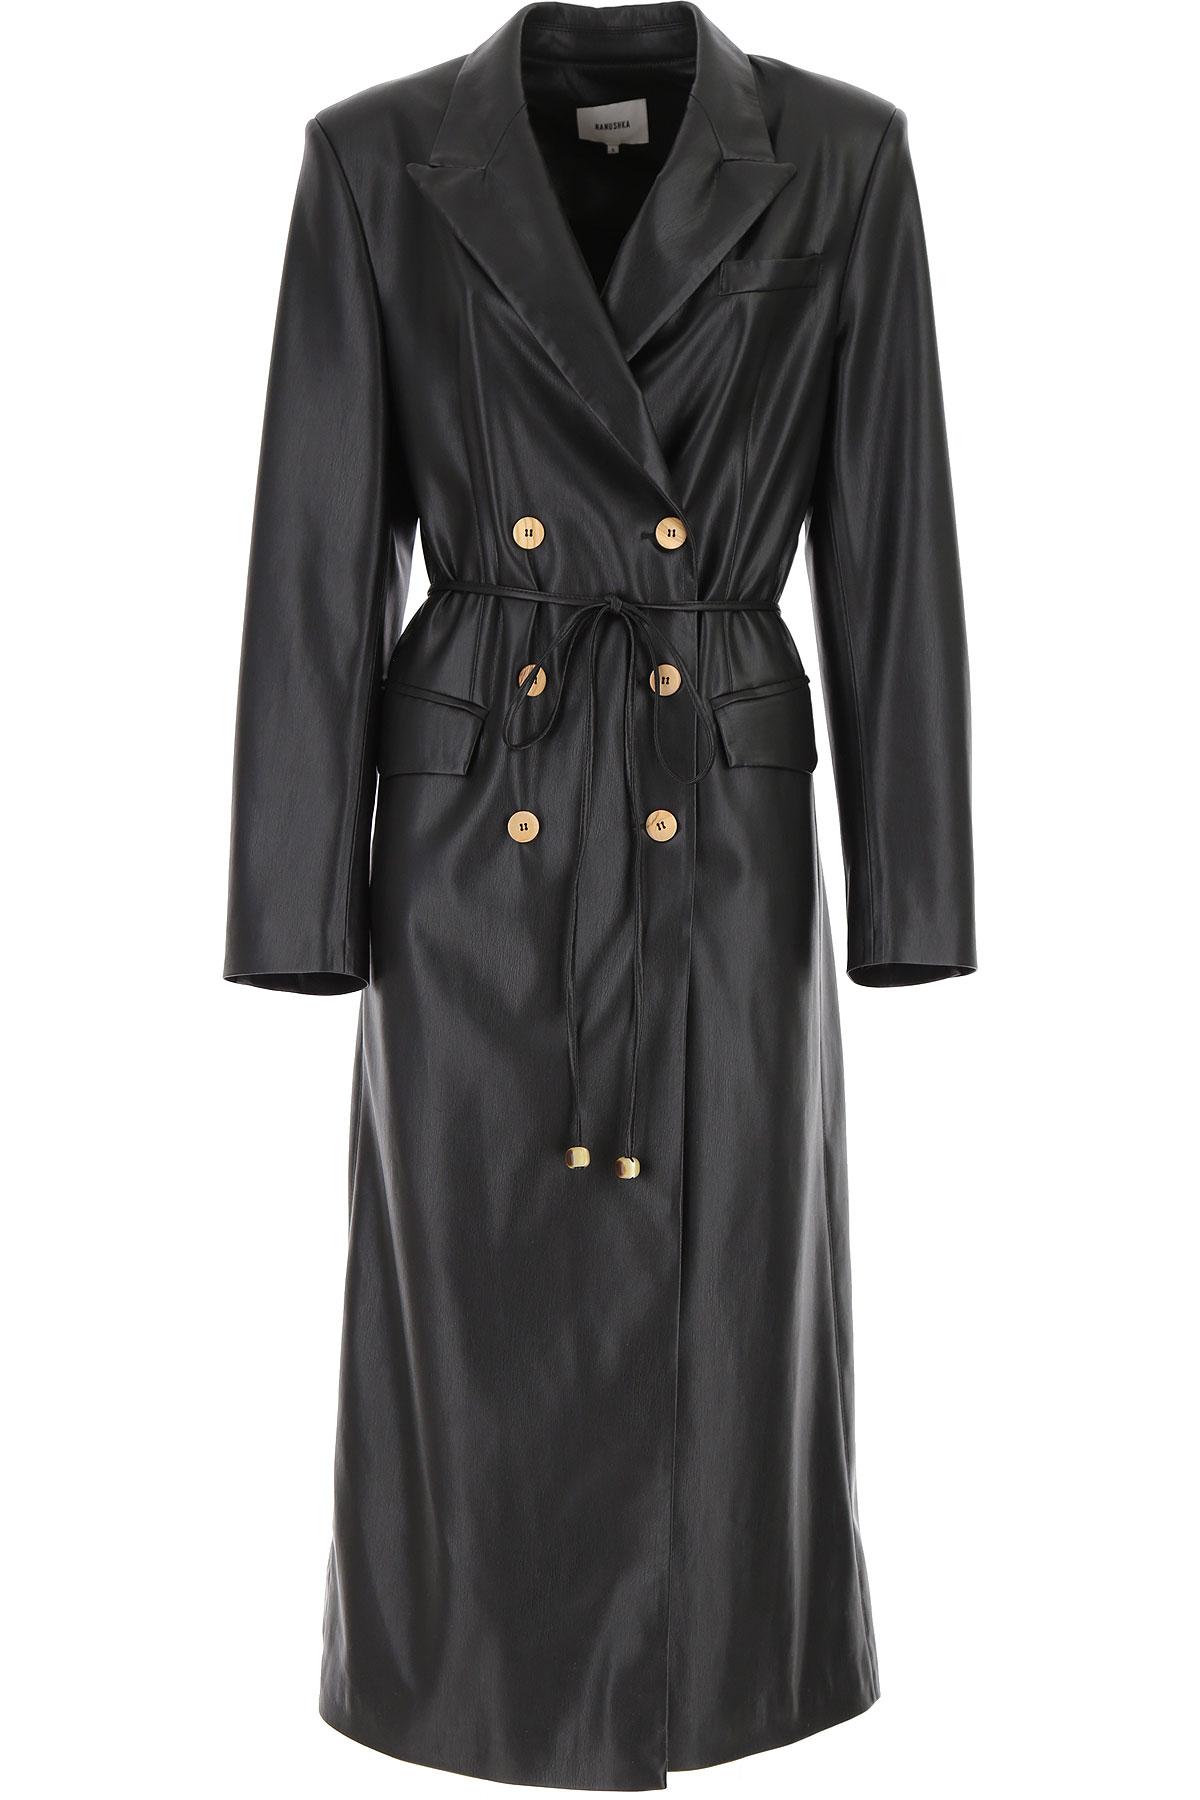 Nanushka Women's Coat On Sale, Black, polyestere, 2019, 4 6